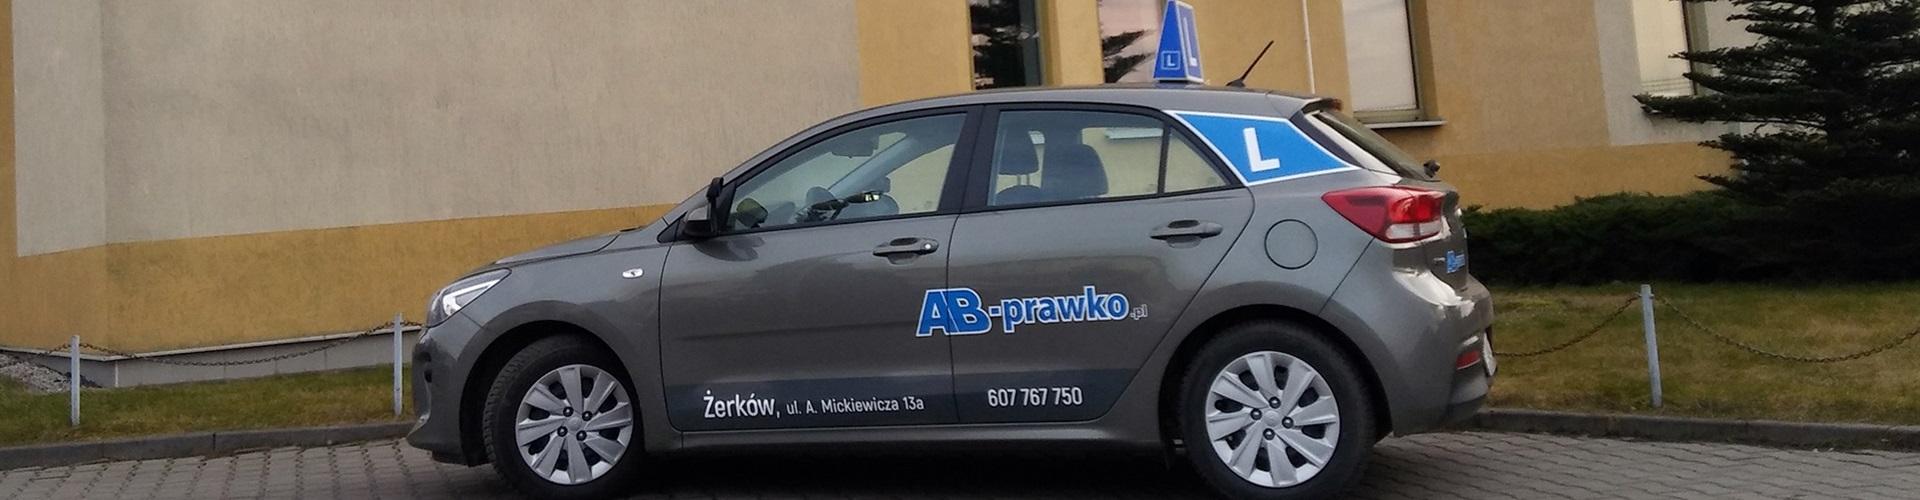 Nowa strona AB-Prawko.pl